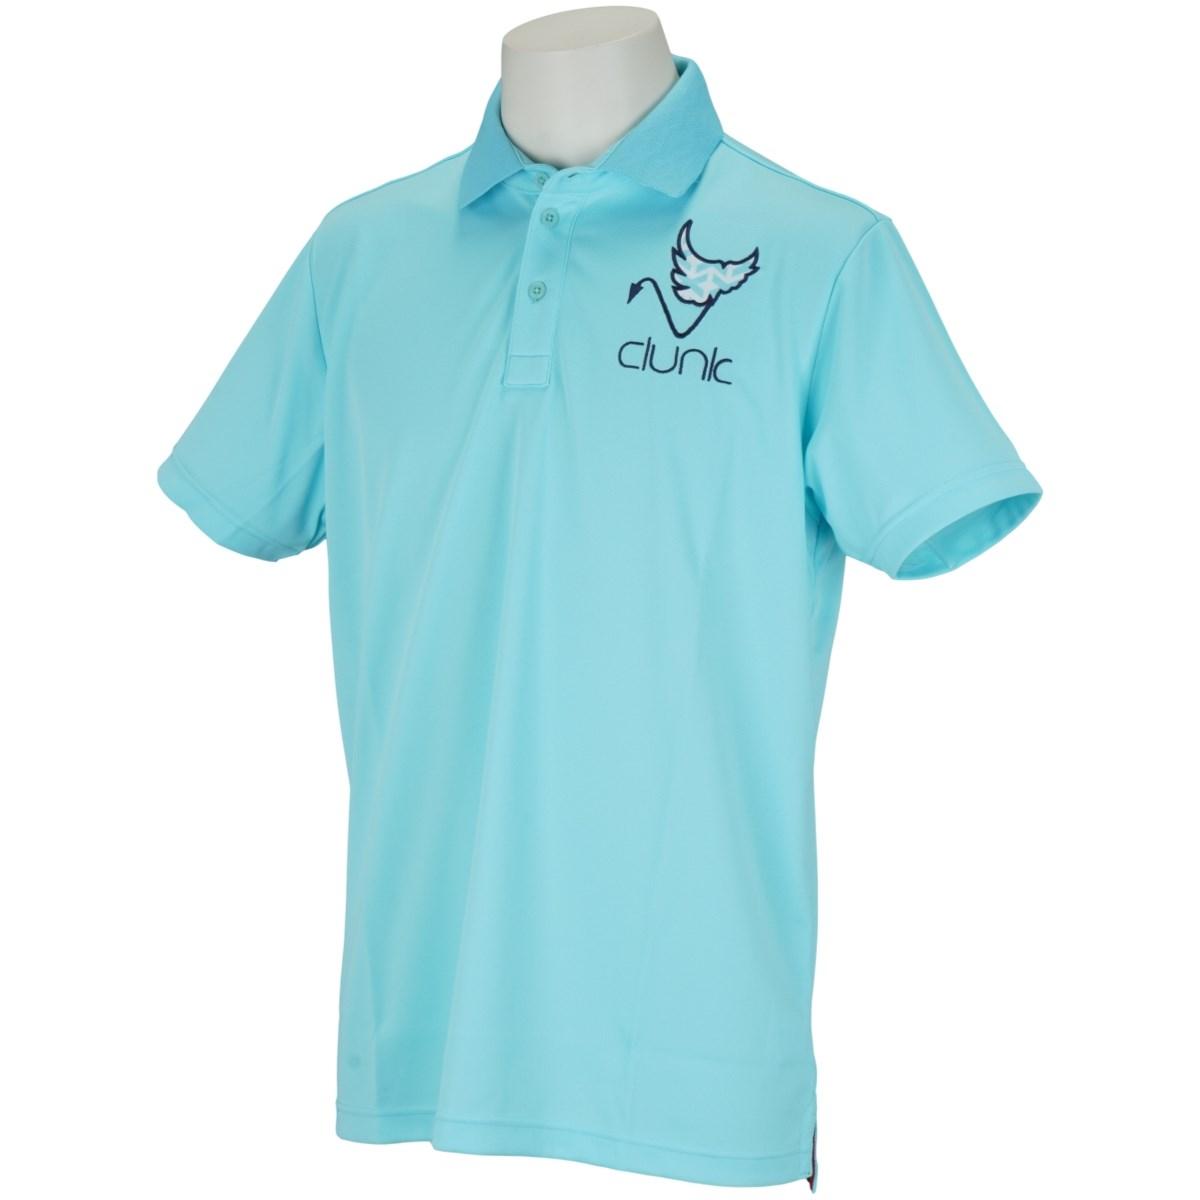 クランク(Clunk) 衿柄半袖ポロシャツ